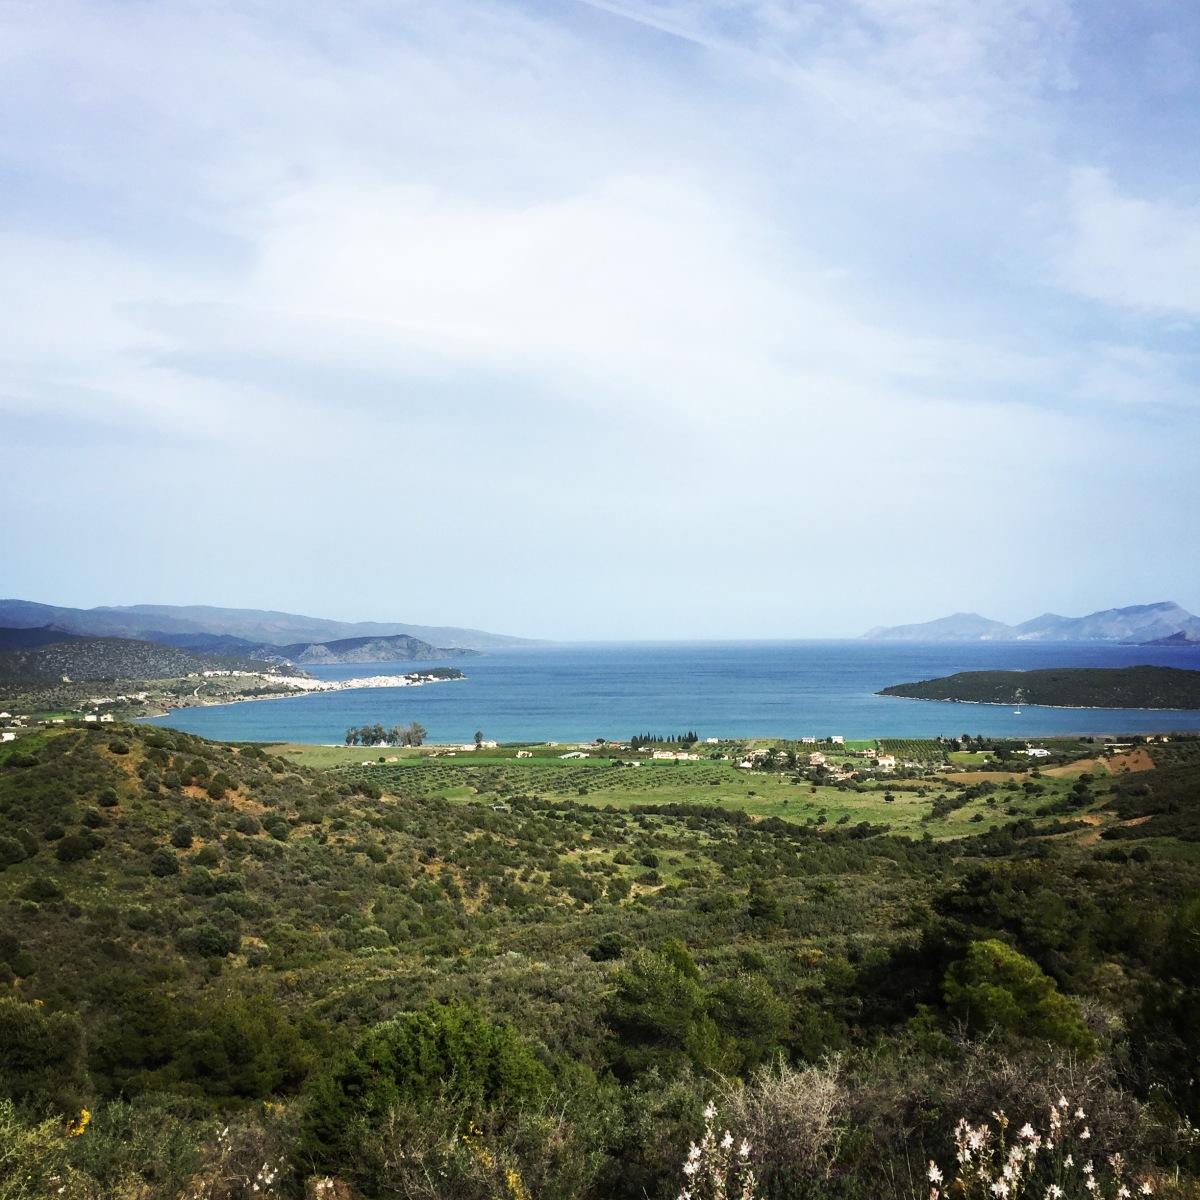 Hiking in Ermionida - Ermioni - Kranidi (Argolis) Part 01 | Ermioni - Ag. Anargyroi - Pikrodafni - Ermioni